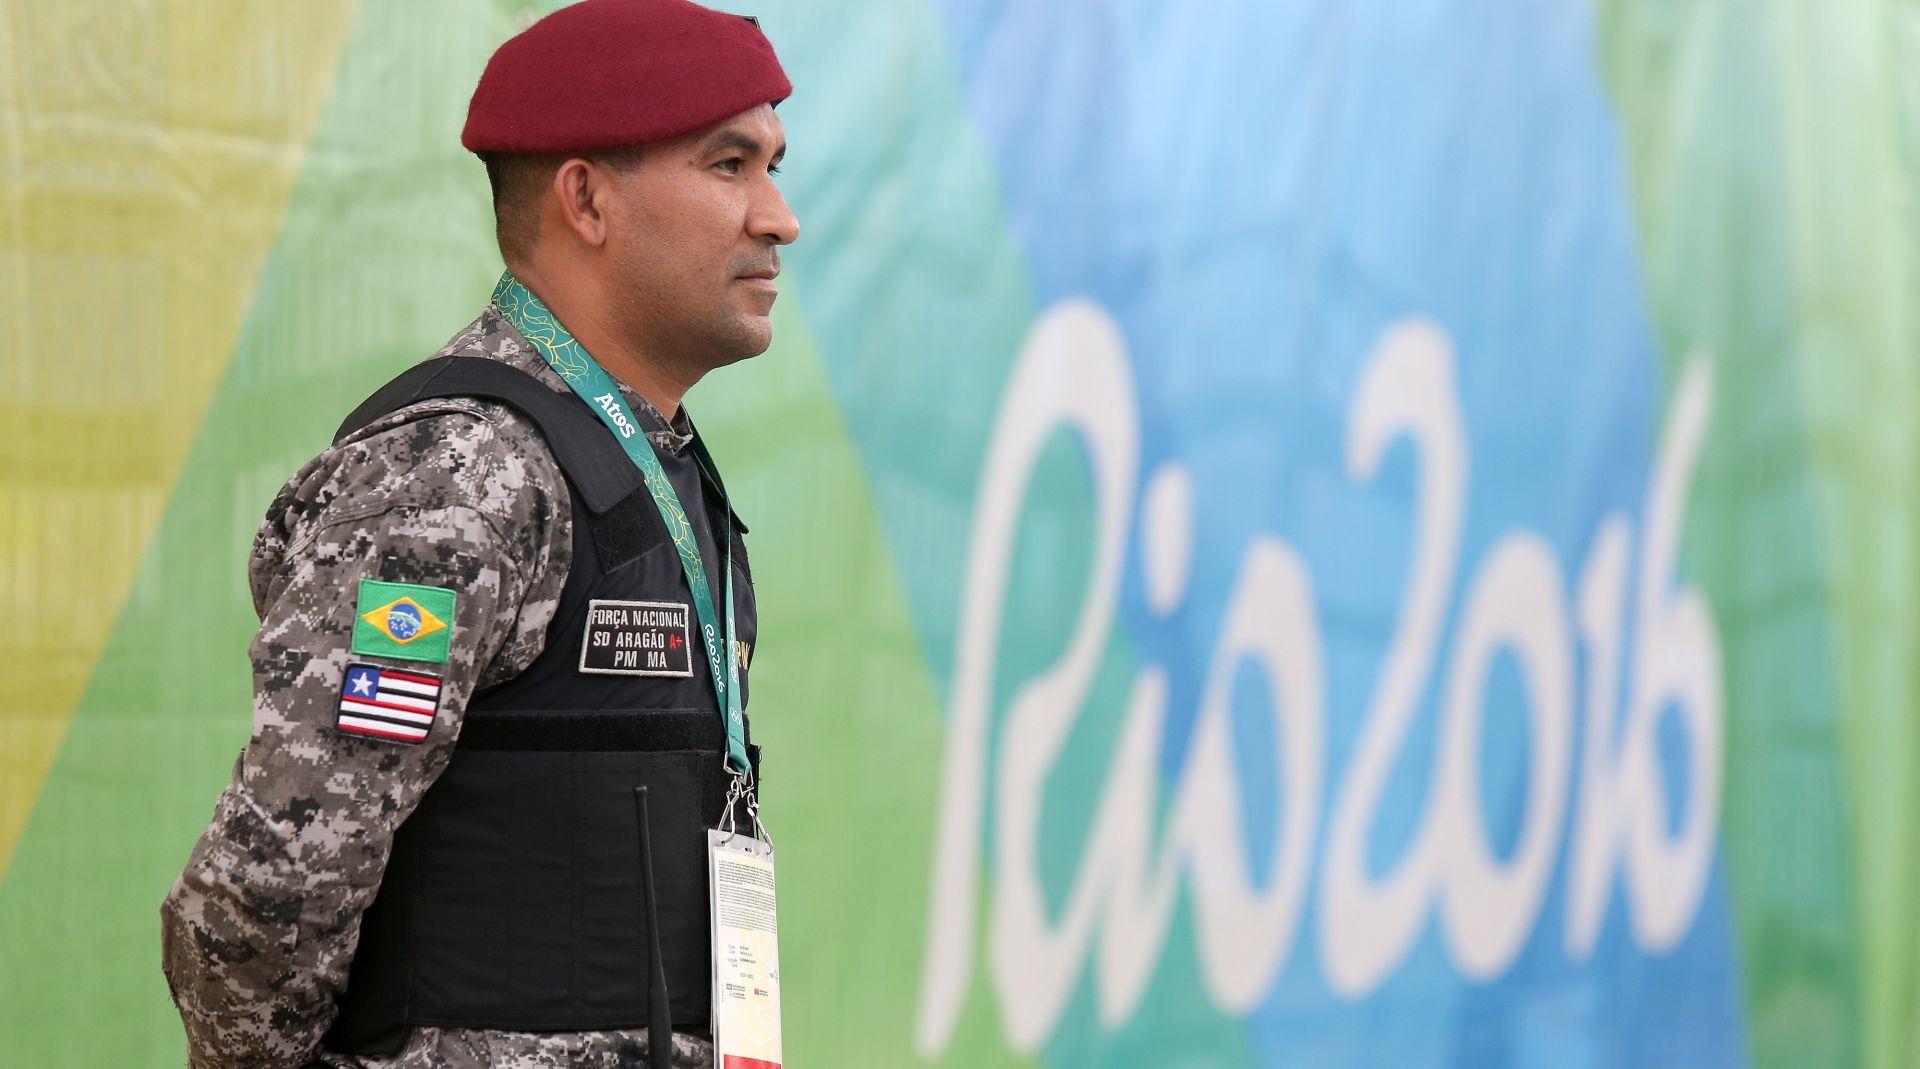 NOVI SKANDAL Predsjednik Europskog olimpijskog odbora uhićen u Riju zbog preprodaje karata